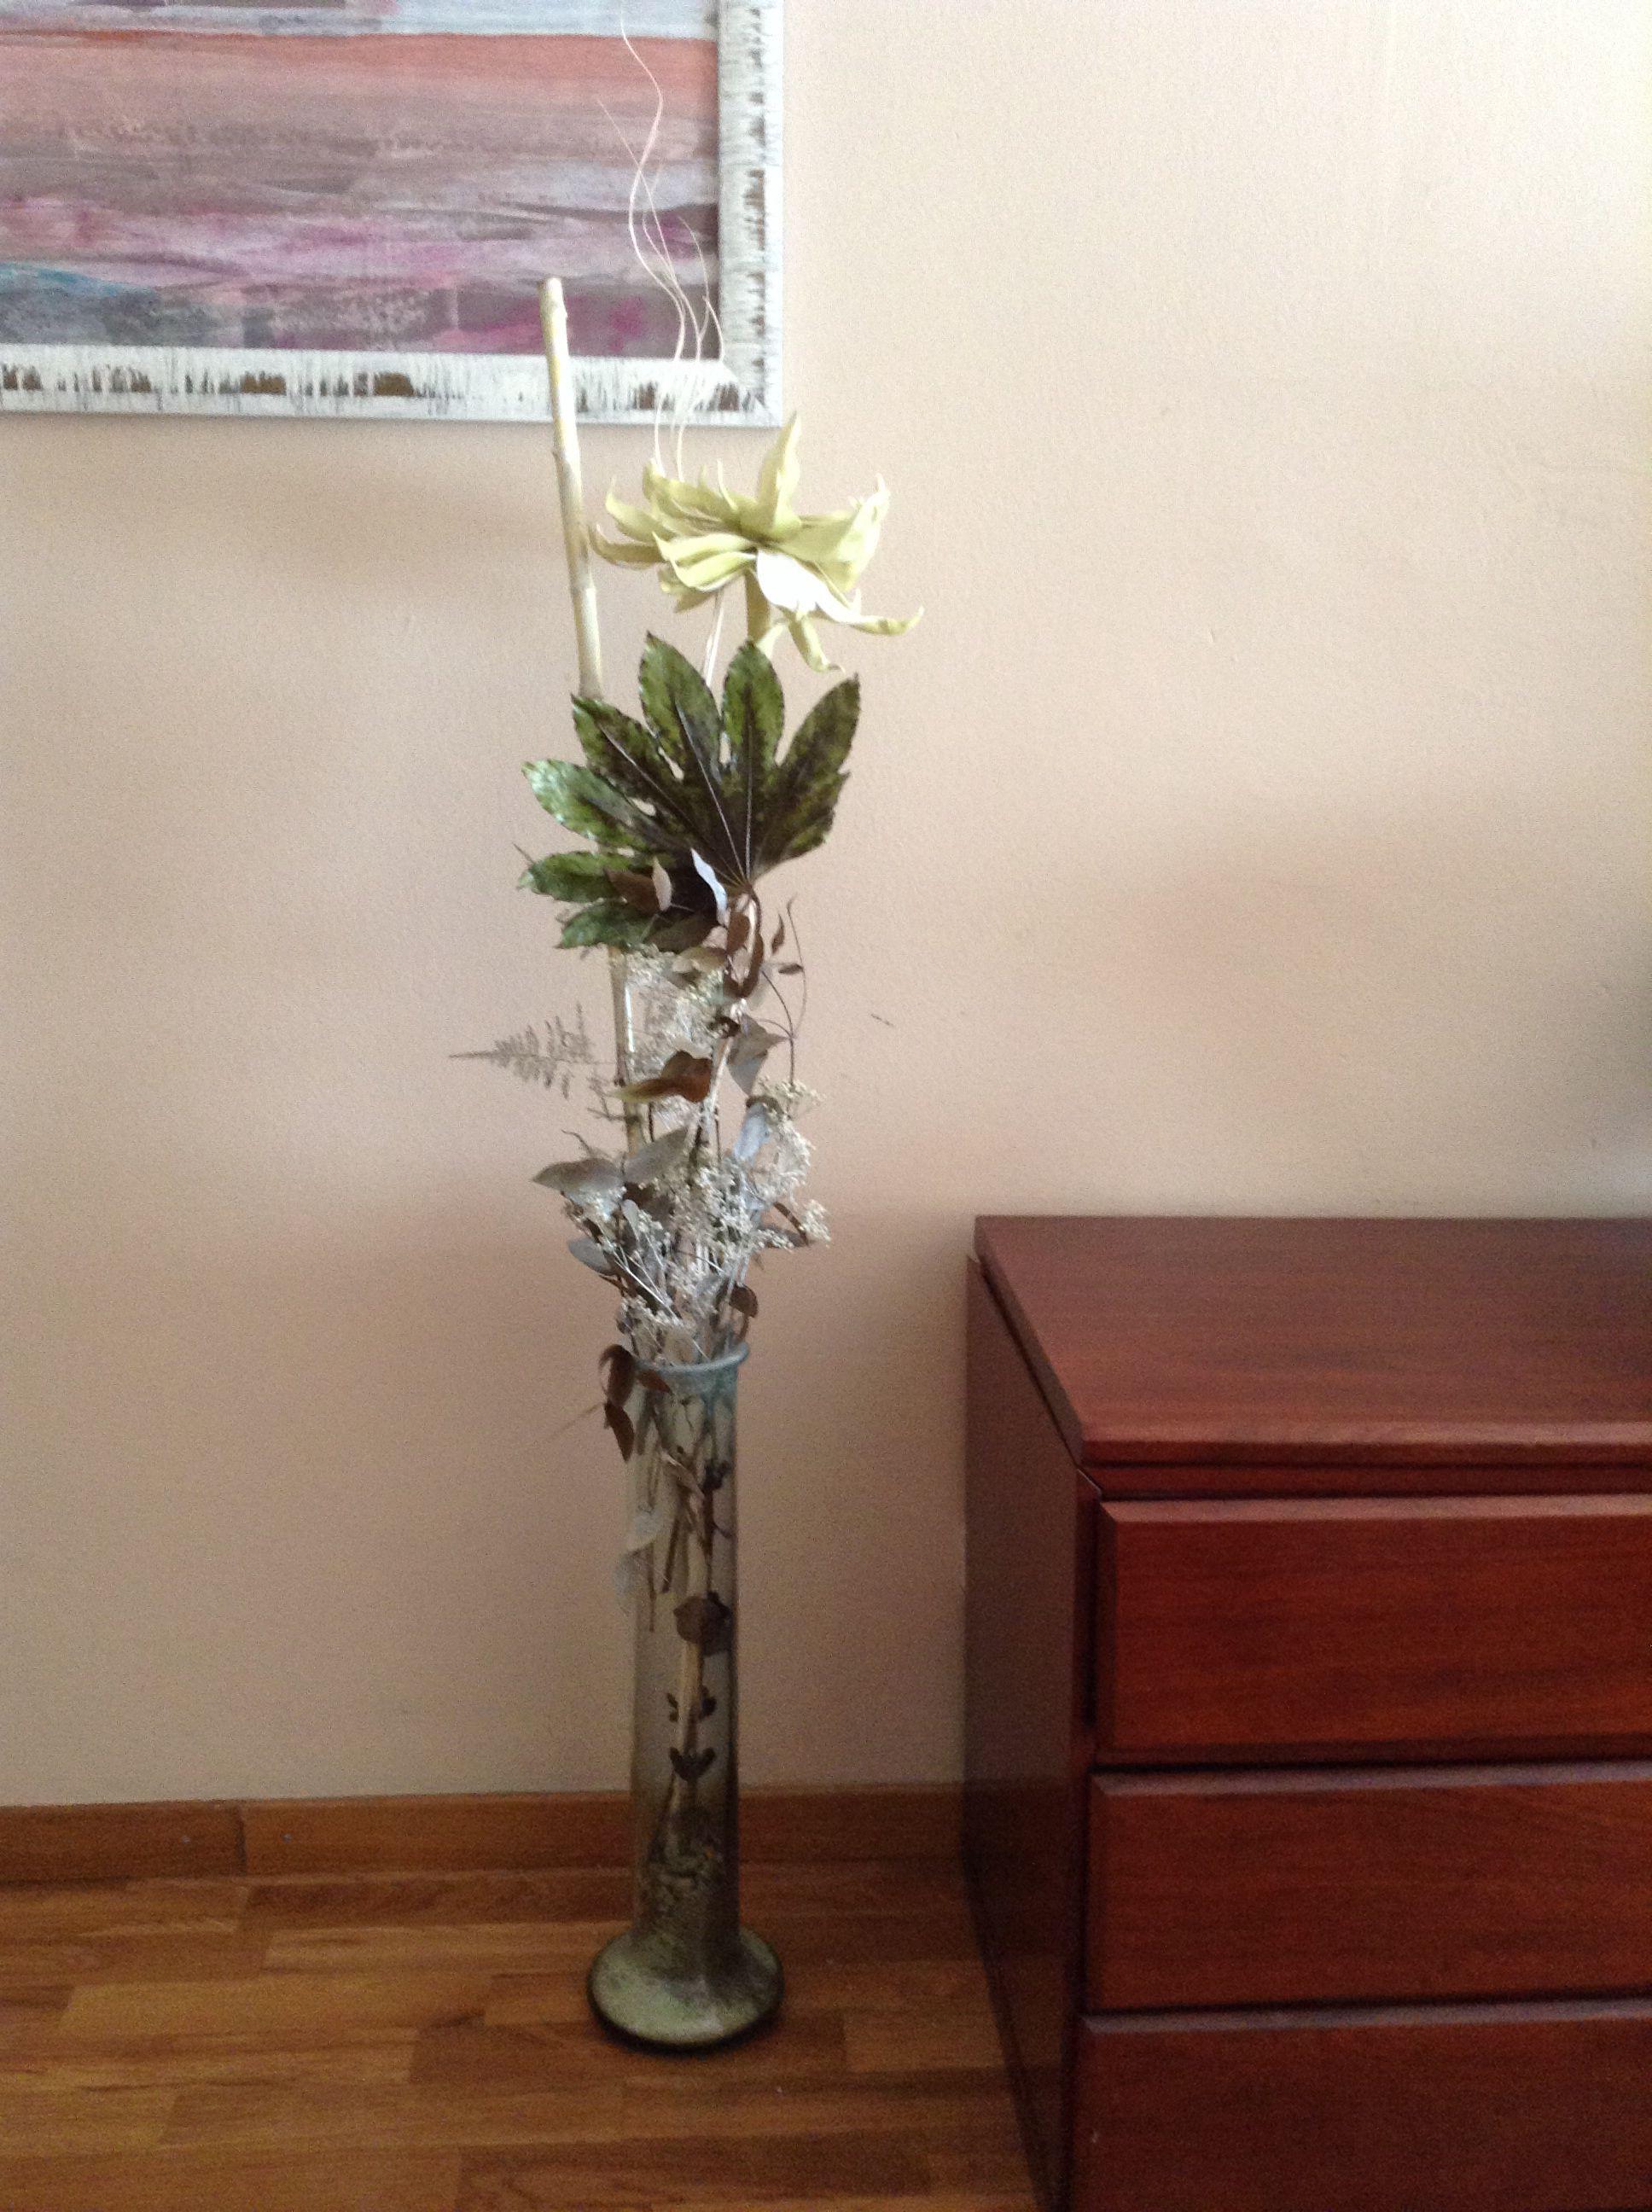 Jarron Con Flores Y Hoja Seca Jarrones Flores Secas Primavera - Jarrones-con-flores-secas